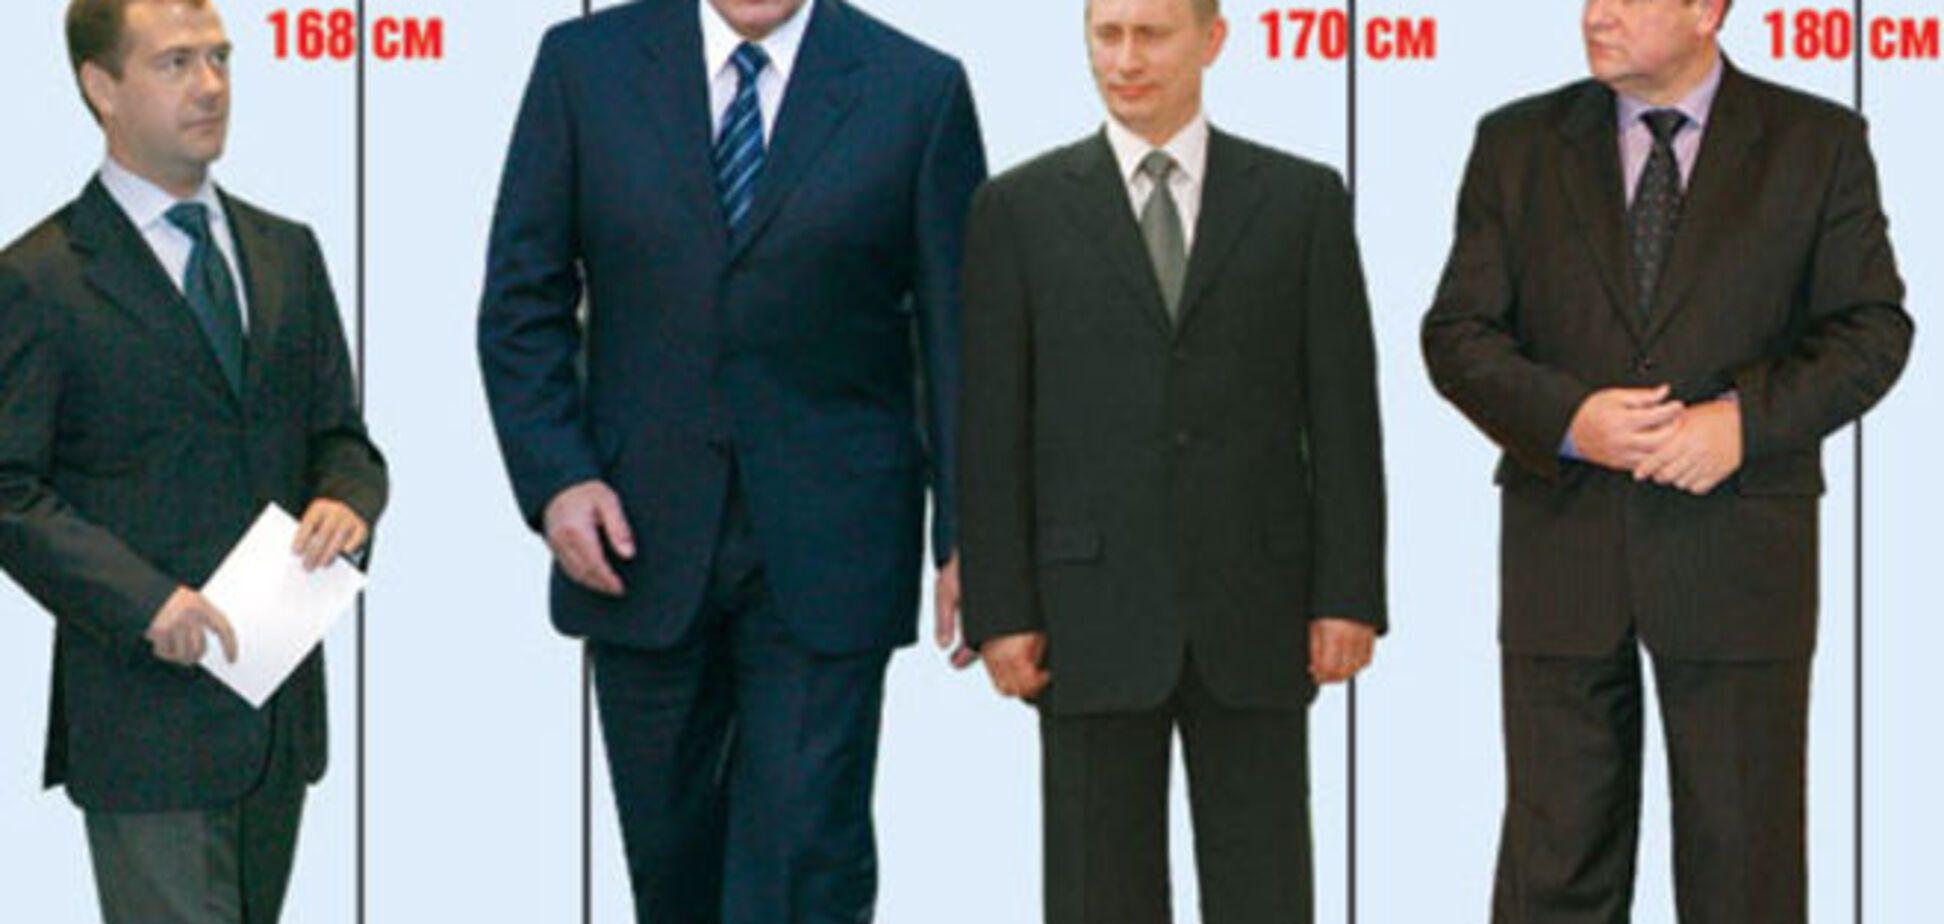 Пользователи соцсетей разгадали секрет роста Путина: фотофакт